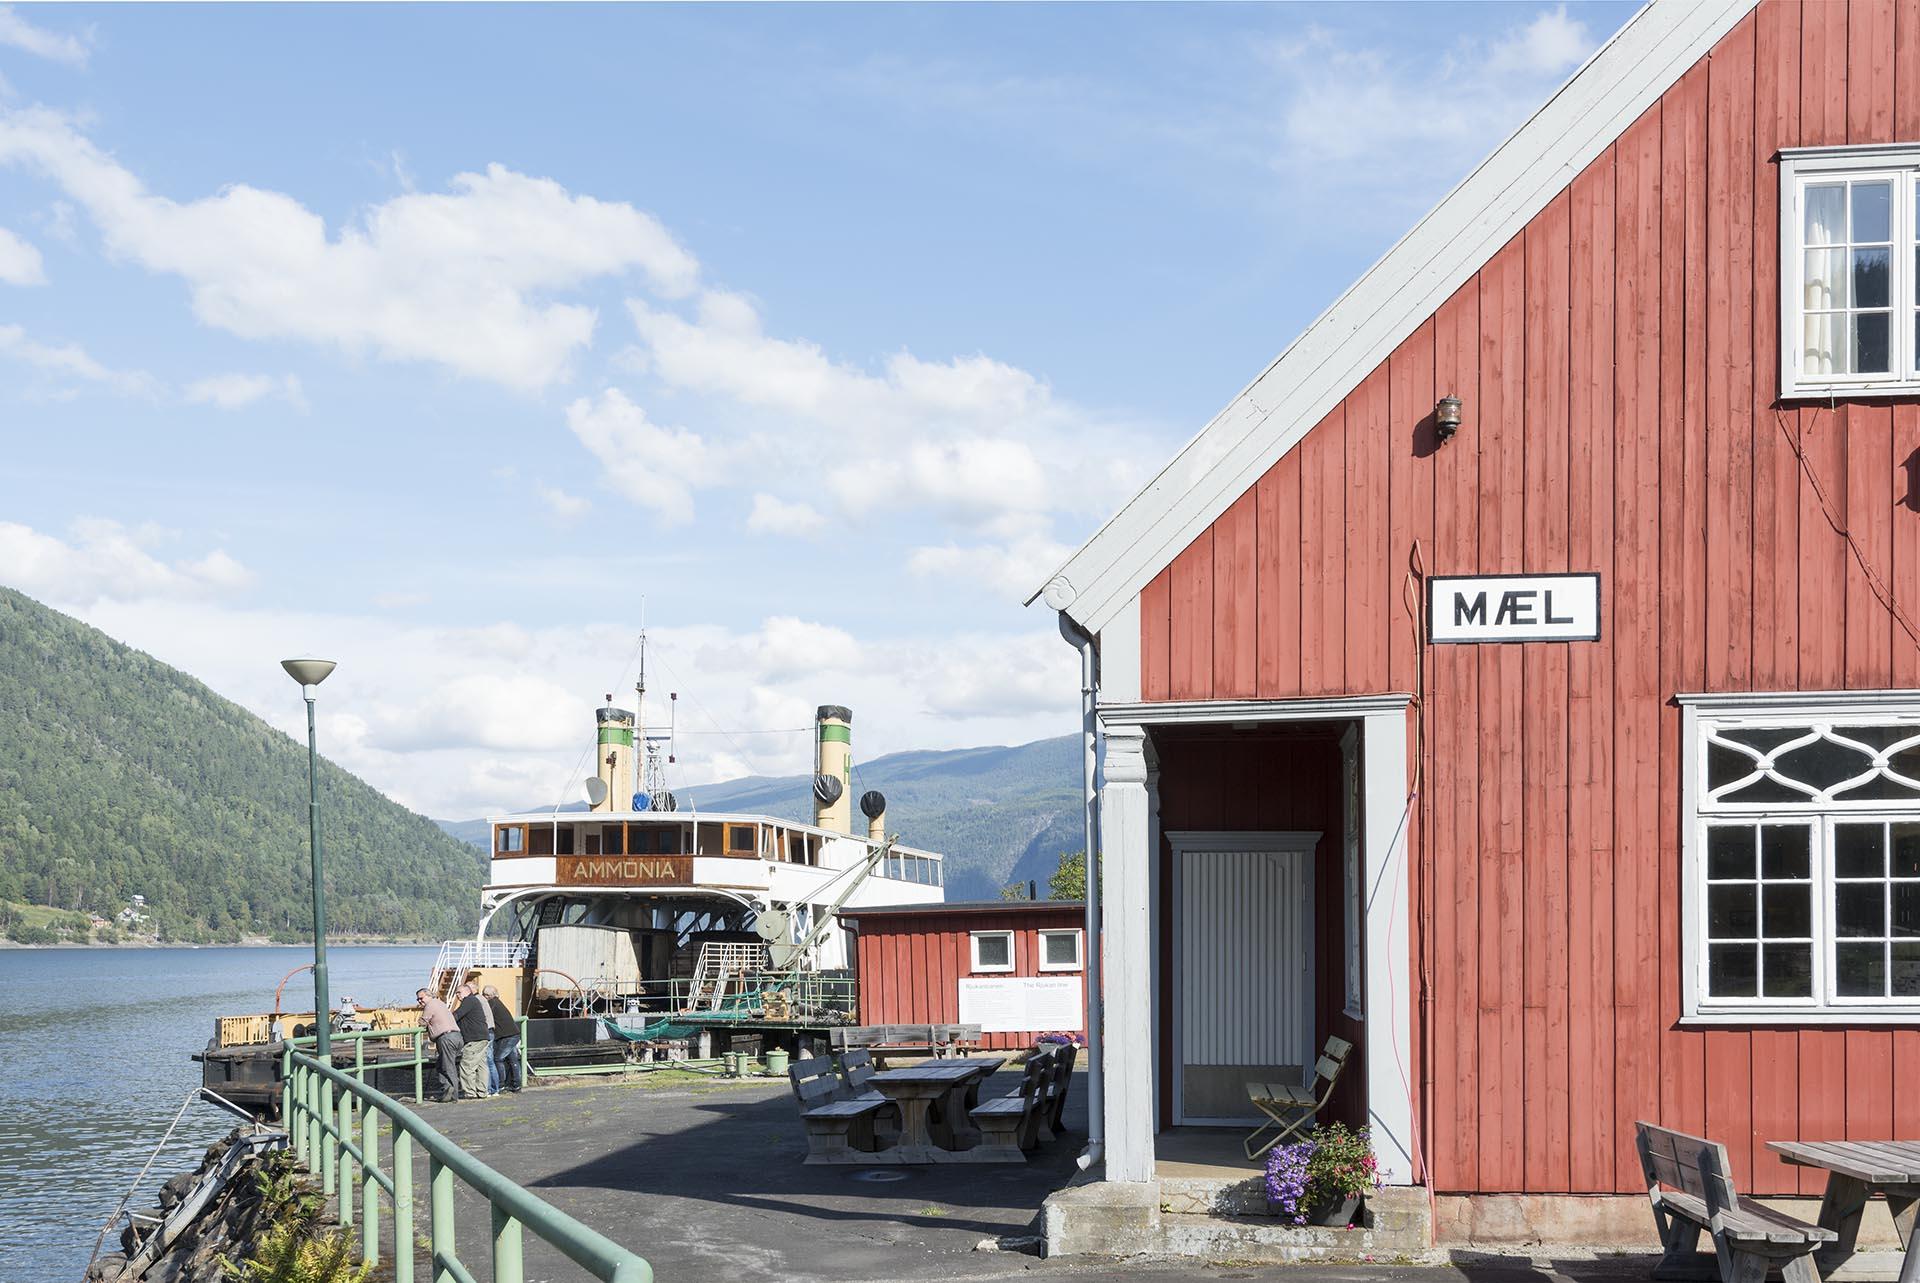 Bildet viser Mæl stasjon på Rjukanbanen med Ammonia i bakgrunnen. Foto er tatt av Per Berntsen